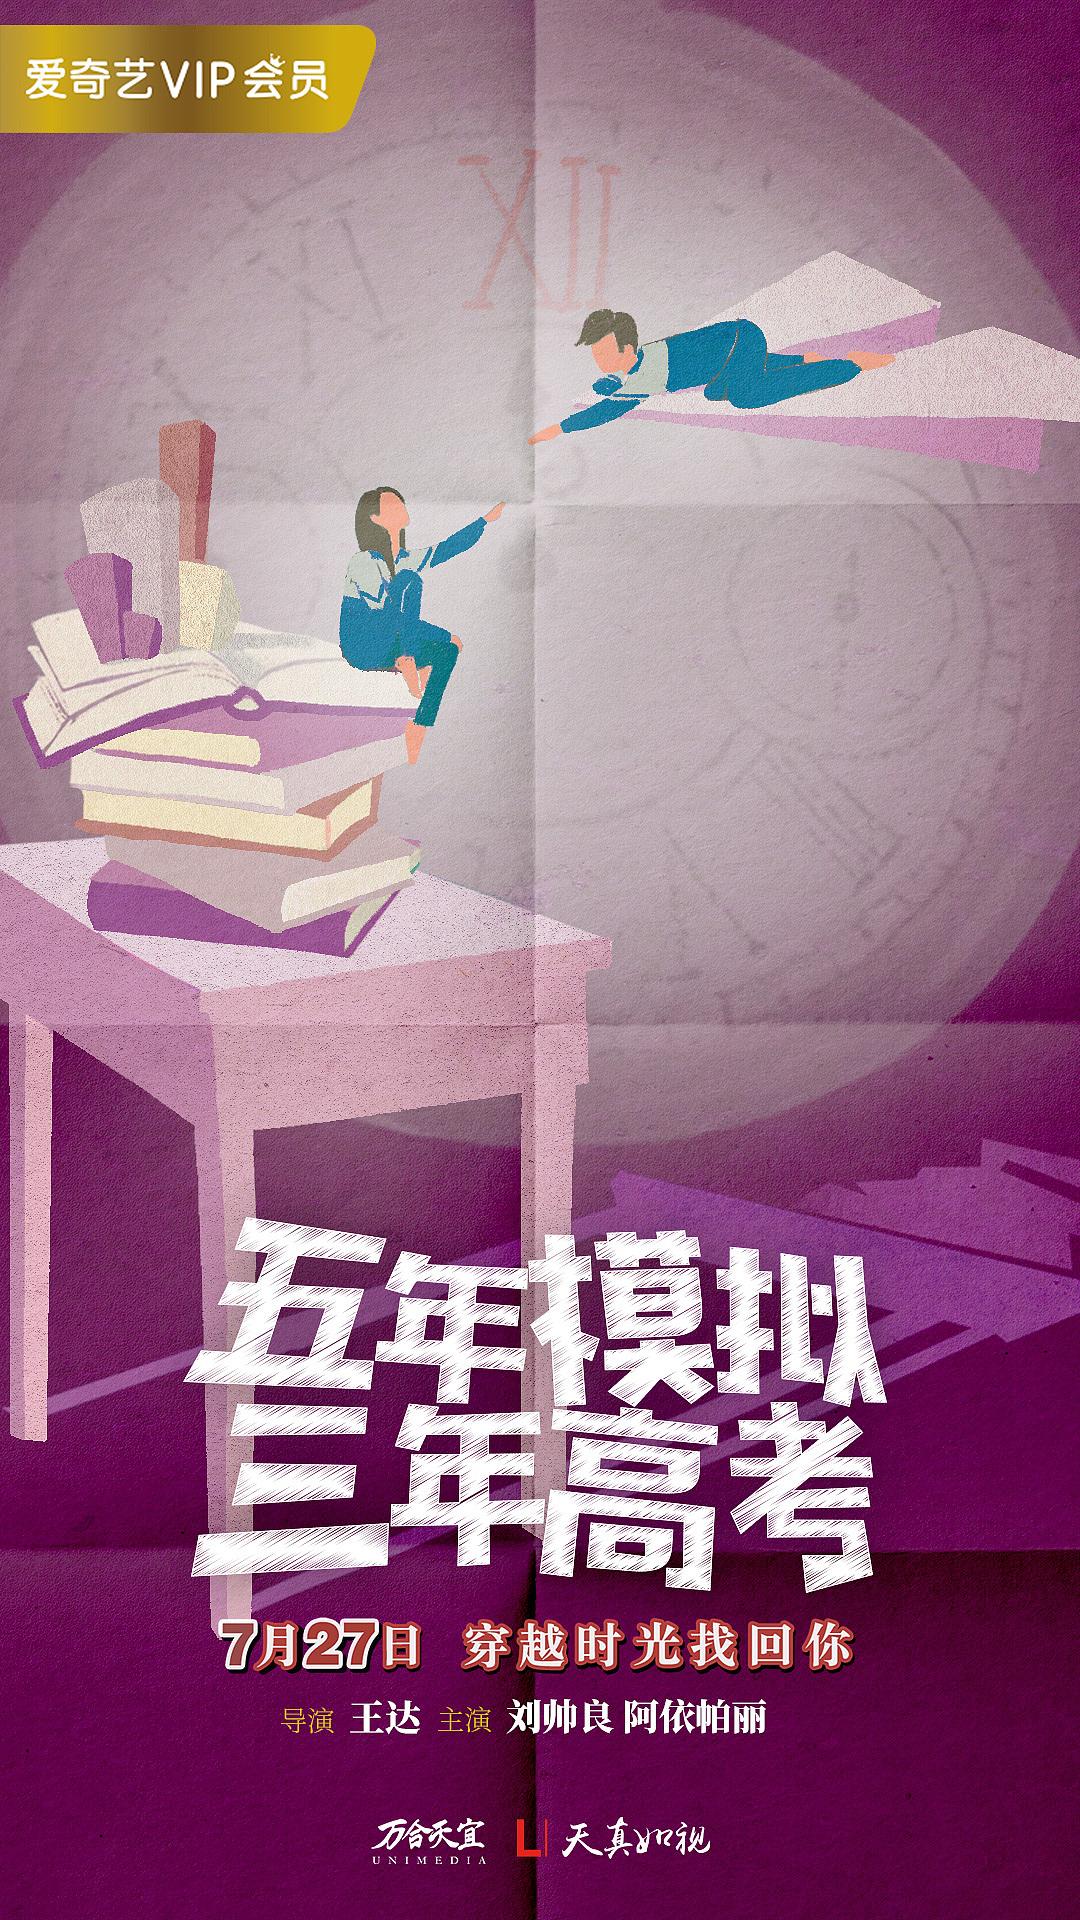 青春喜剧电影 五年模拟 三年高考 宣传海报